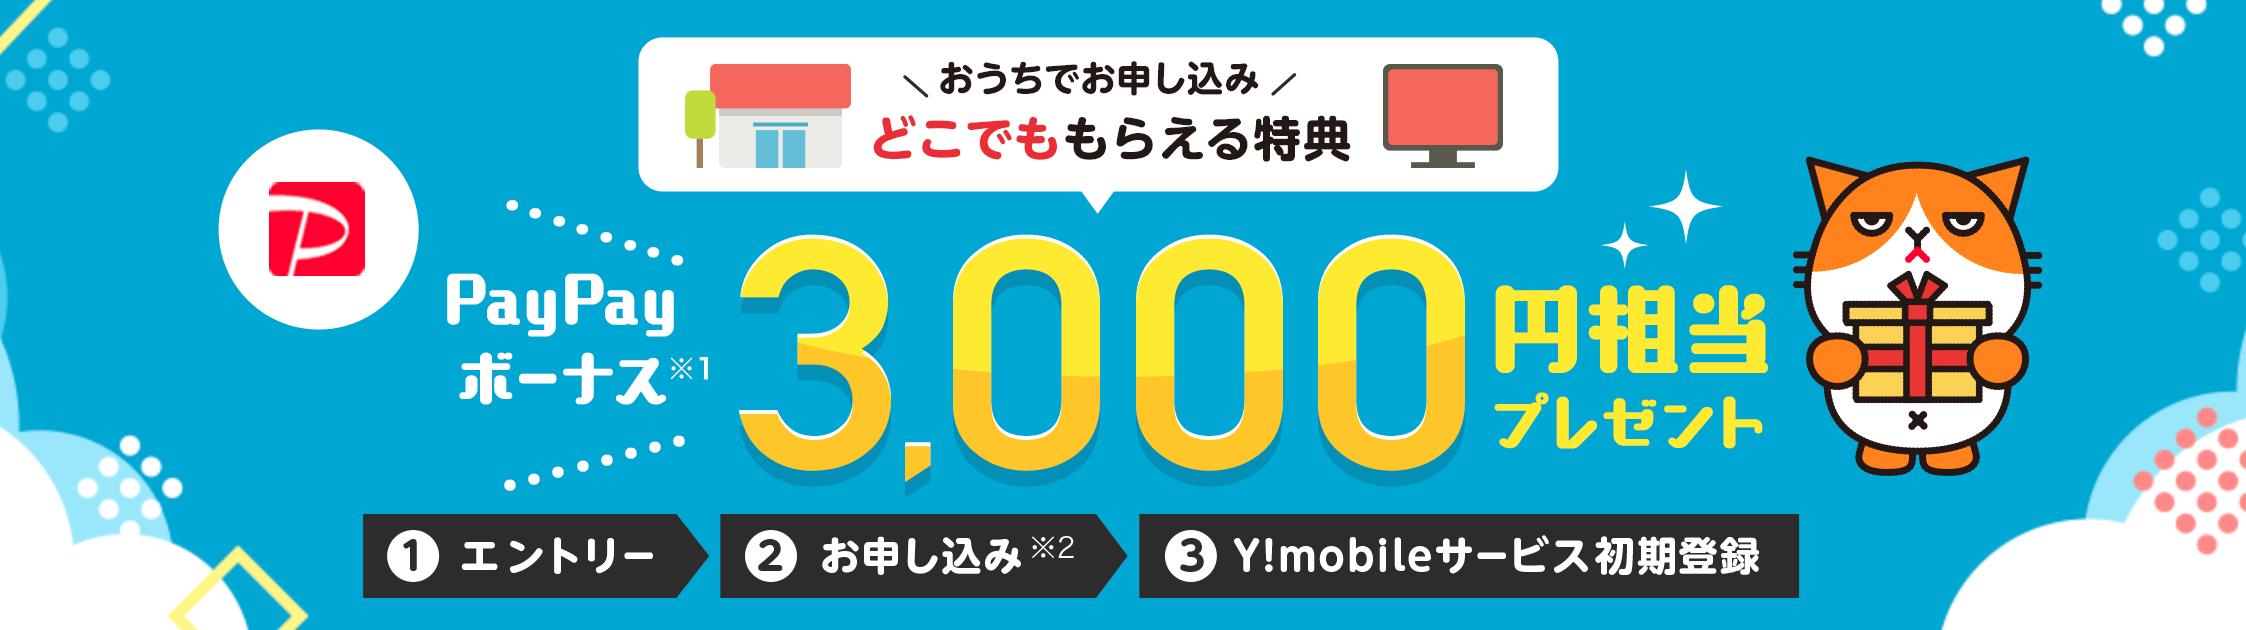 格安SIM_キャンペーン_ワイモバイル_Y!mobile_ymobile_どこでももらえる特典